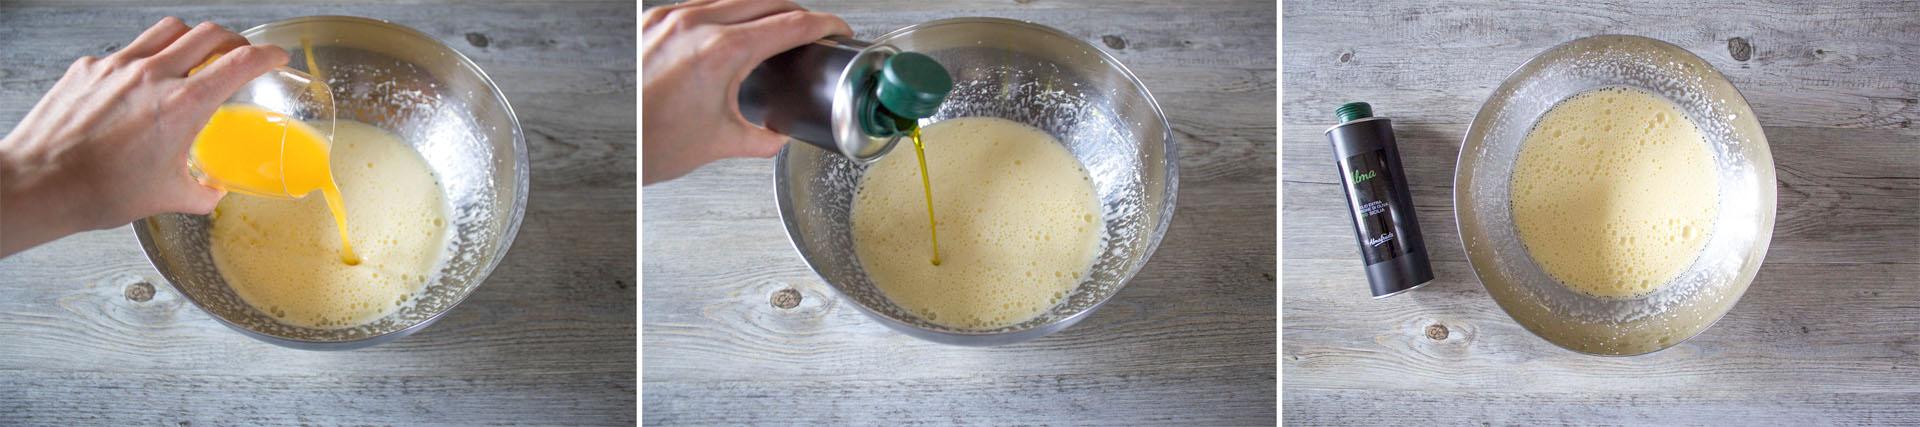 torta olio oliva arance mandorle step2